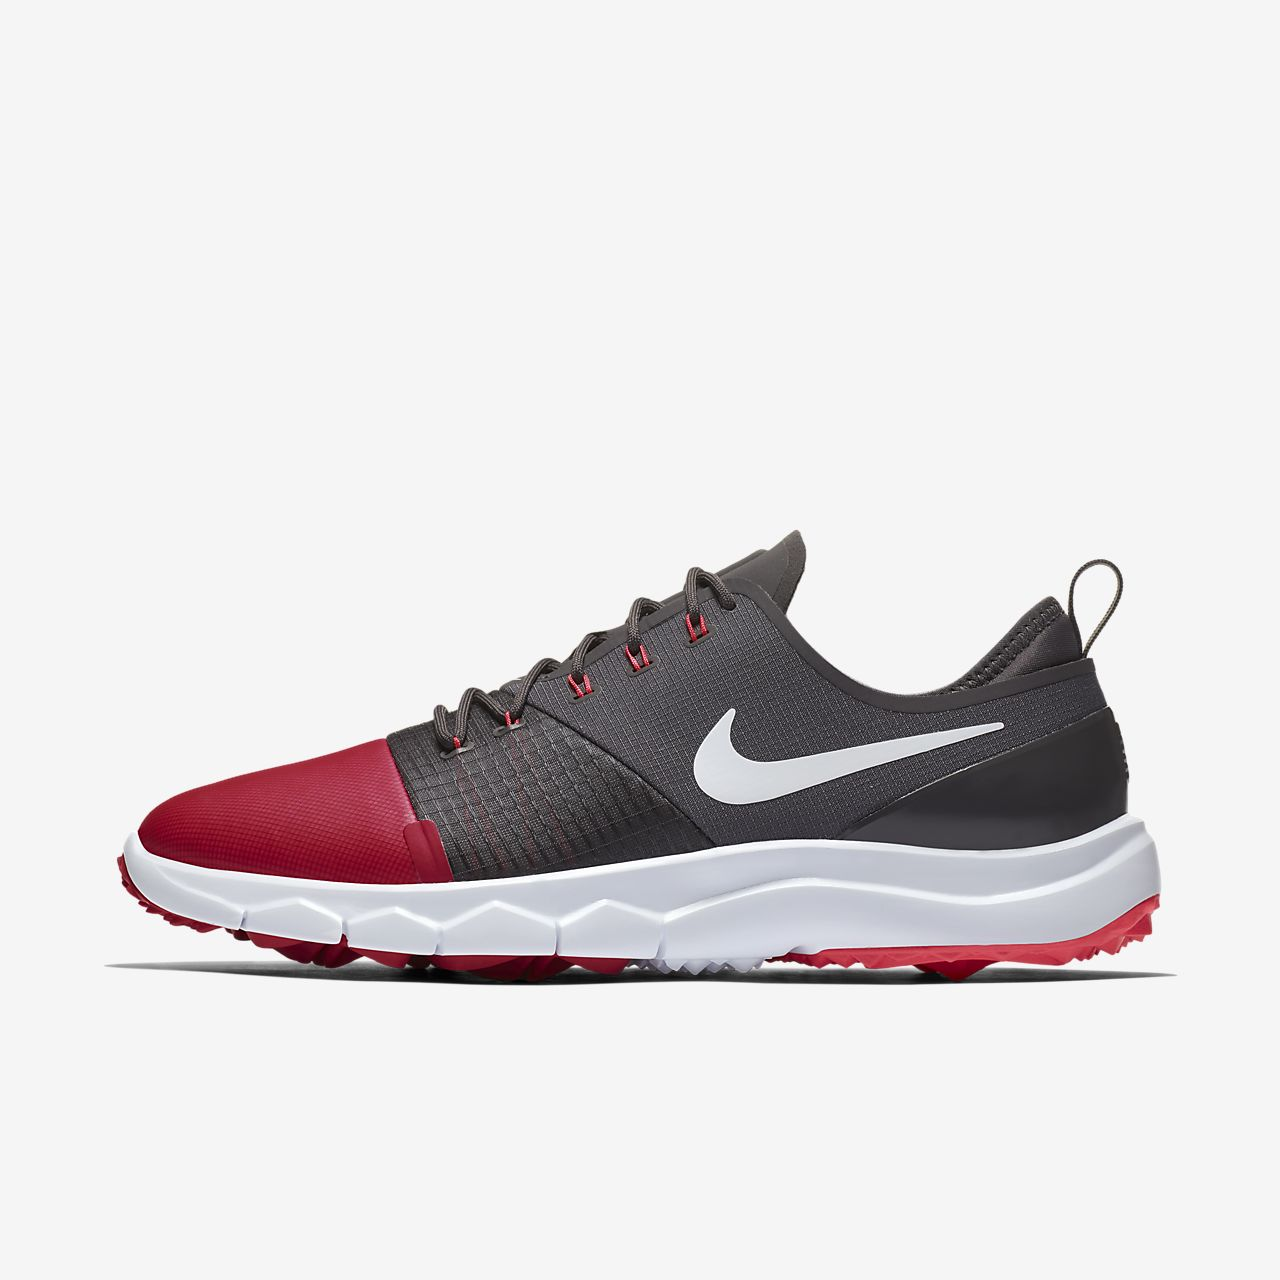 Nike FI Impact 3 Damen-Golfschuh